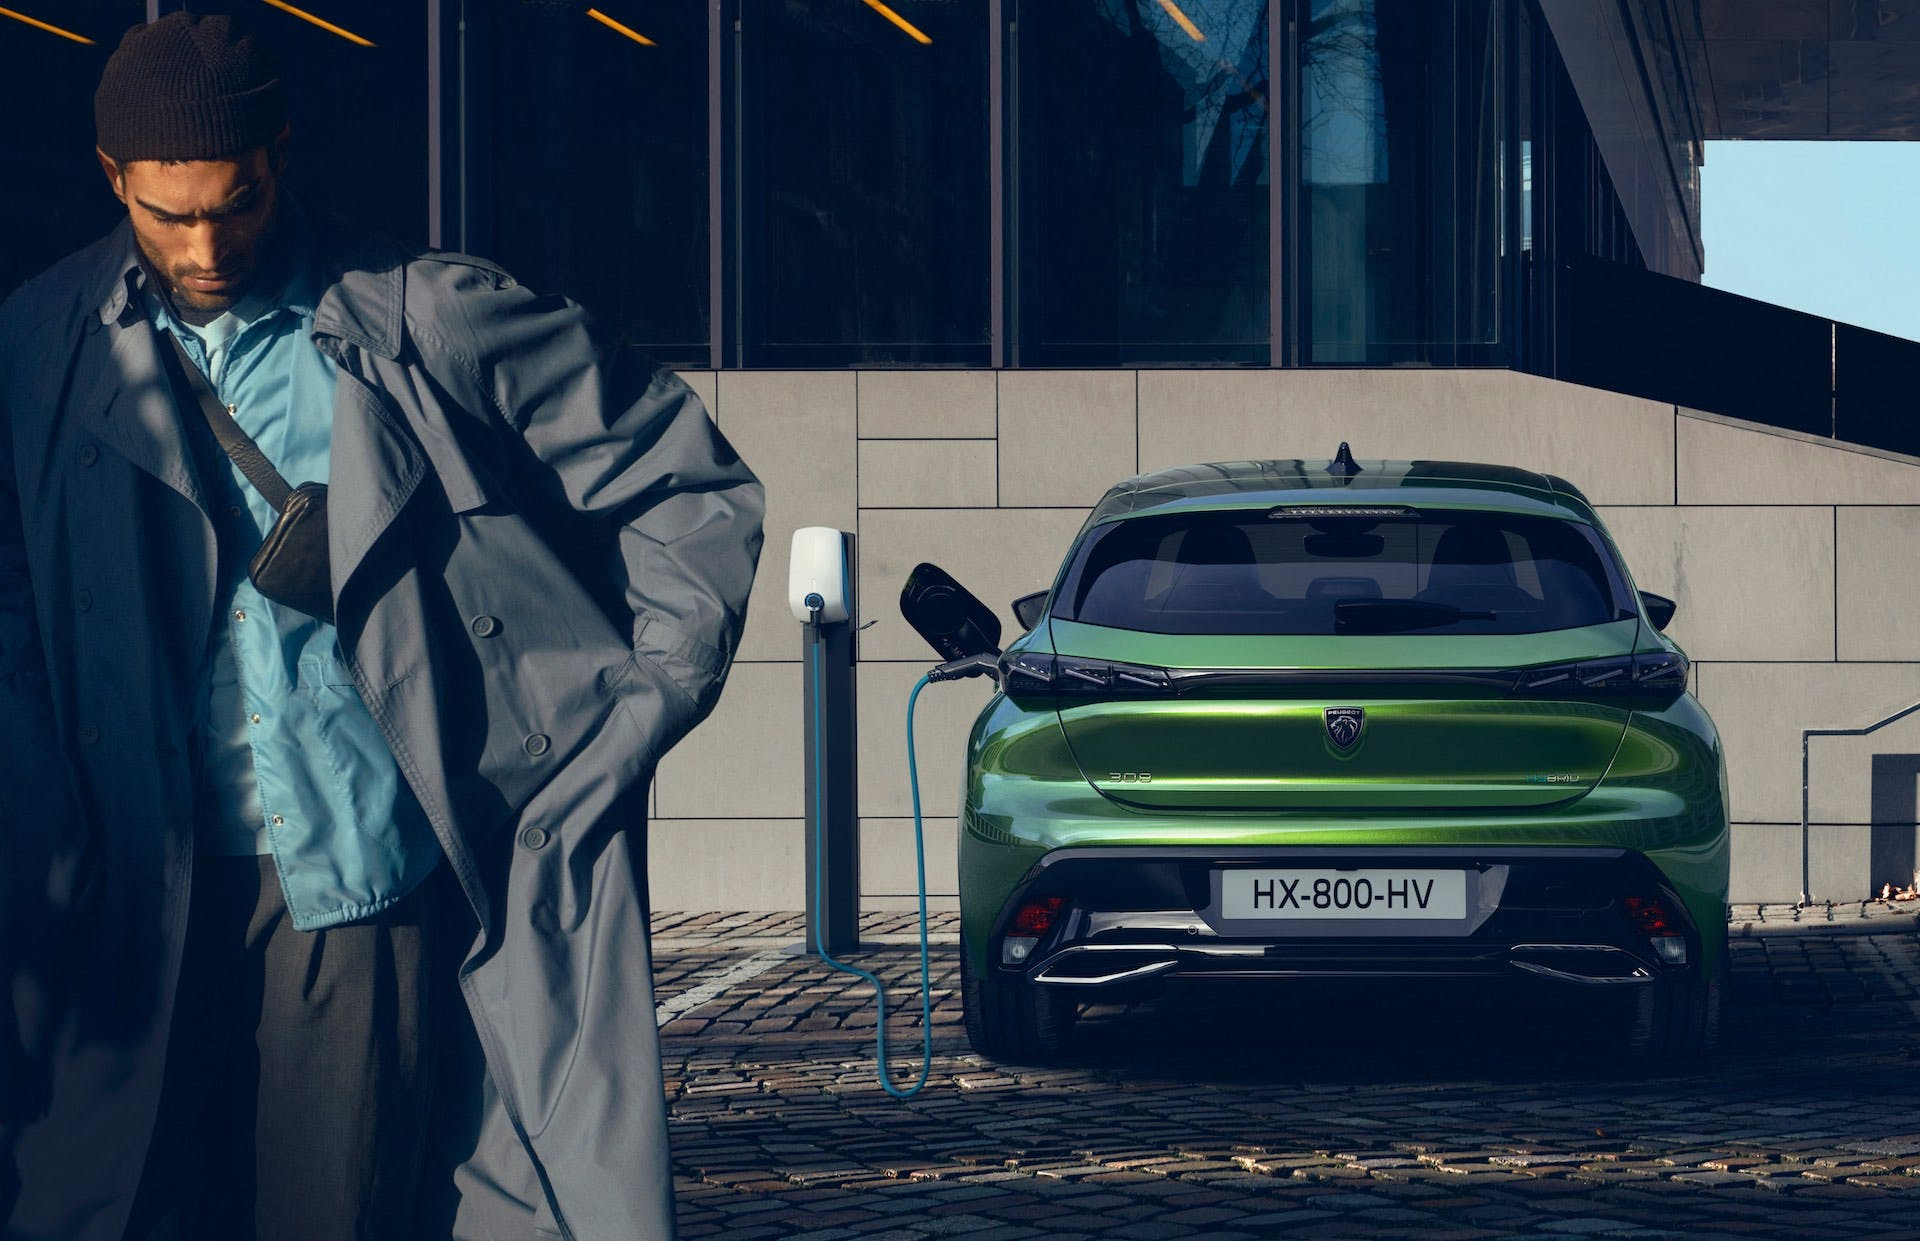 Nuova Peugeot 308, terza generazione, parcheggiata in ricarica tramite colonnina